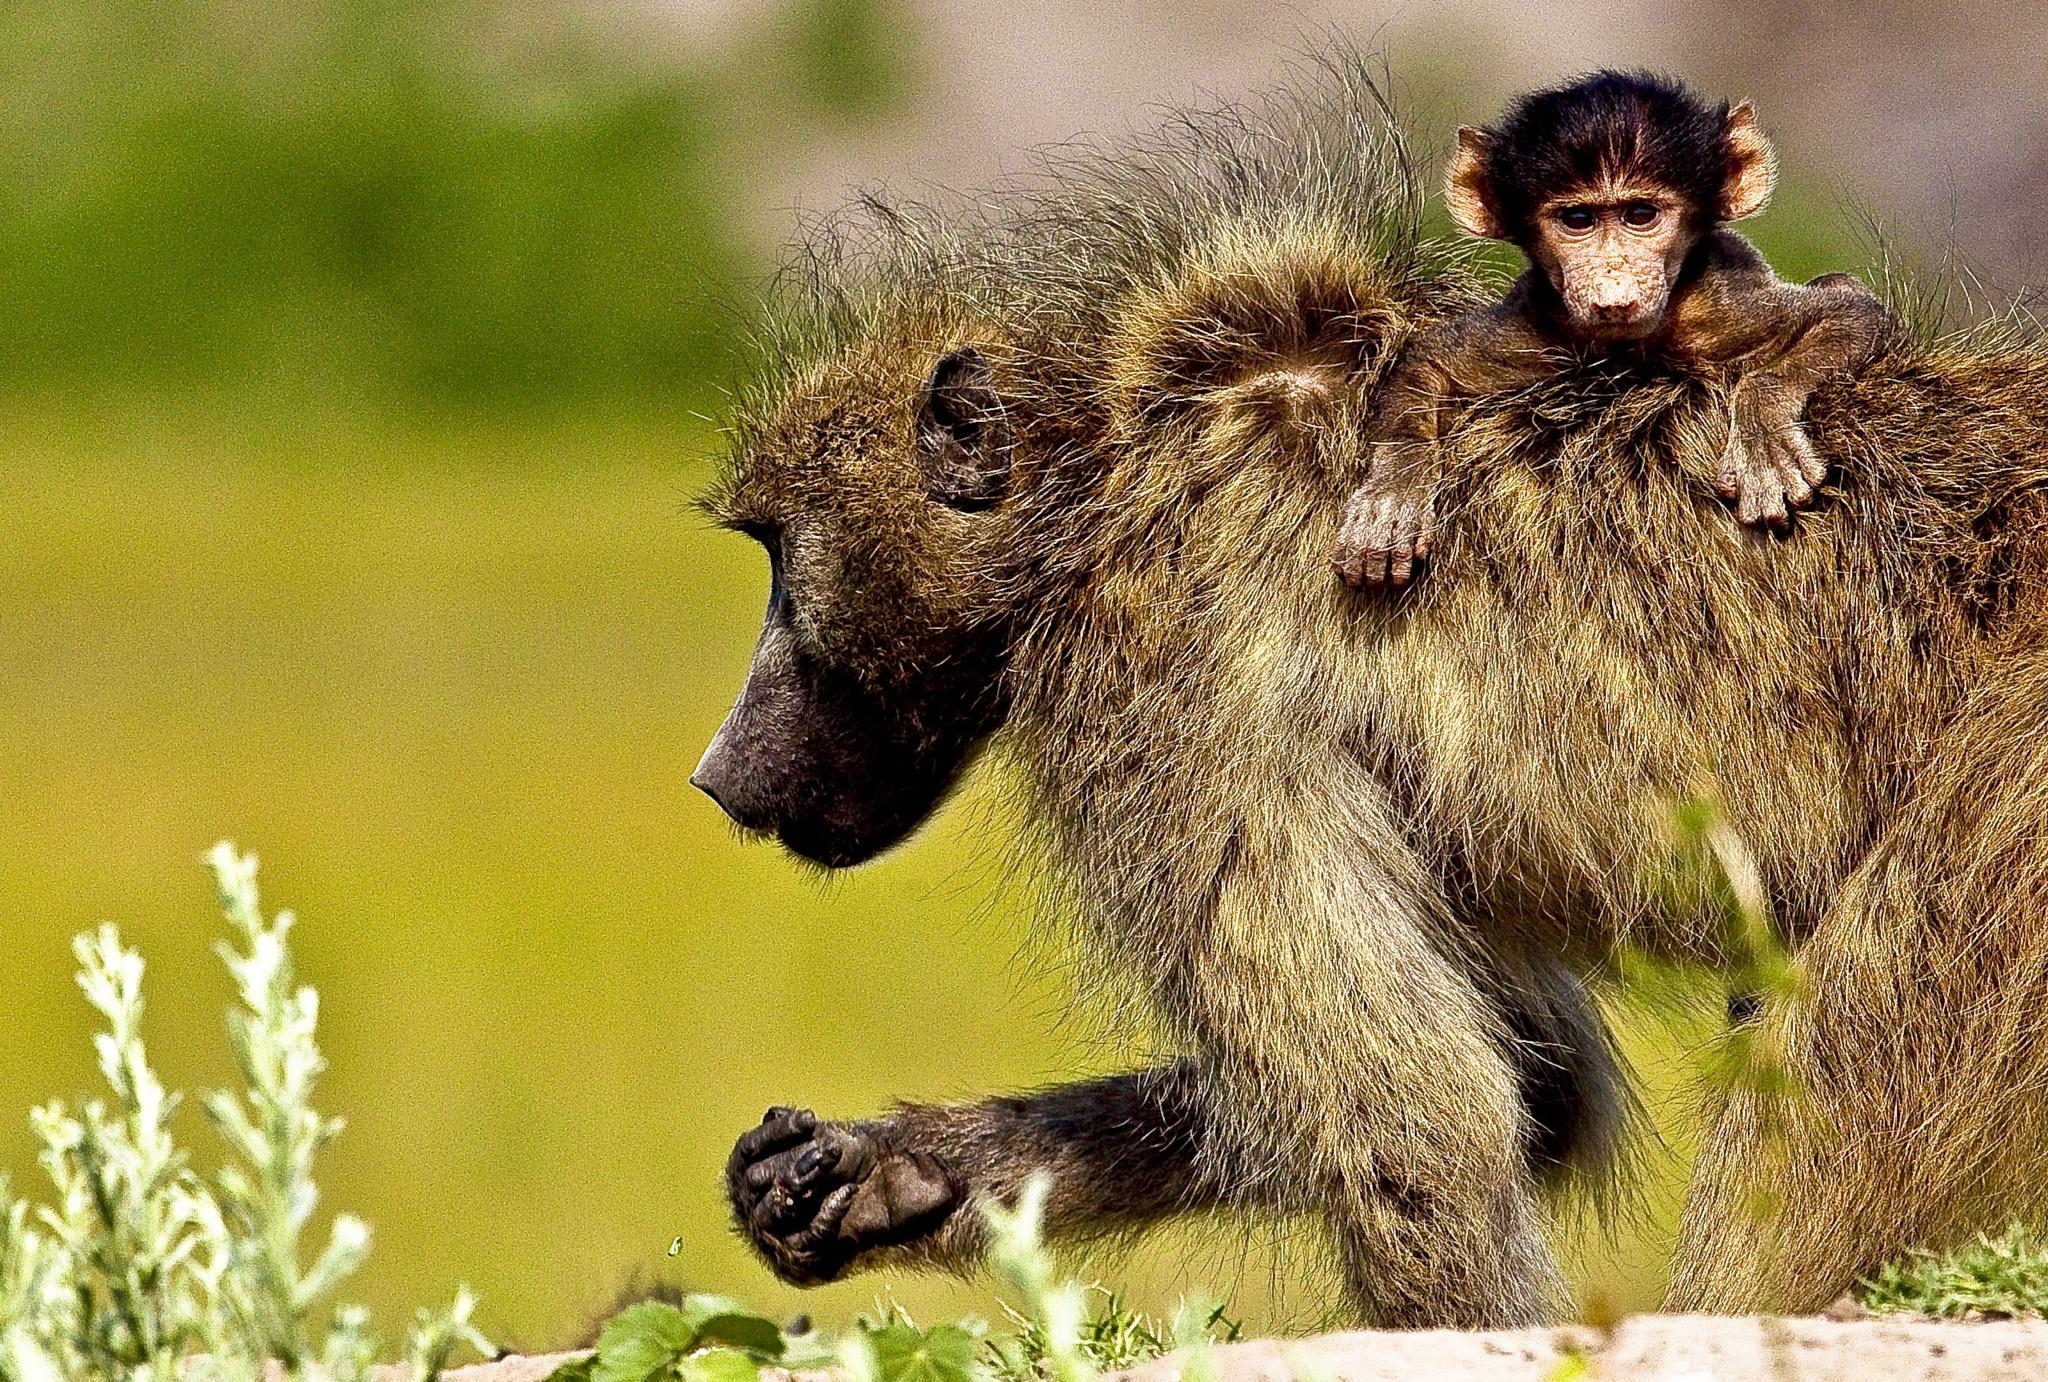 Curious Baboon by guyplarin